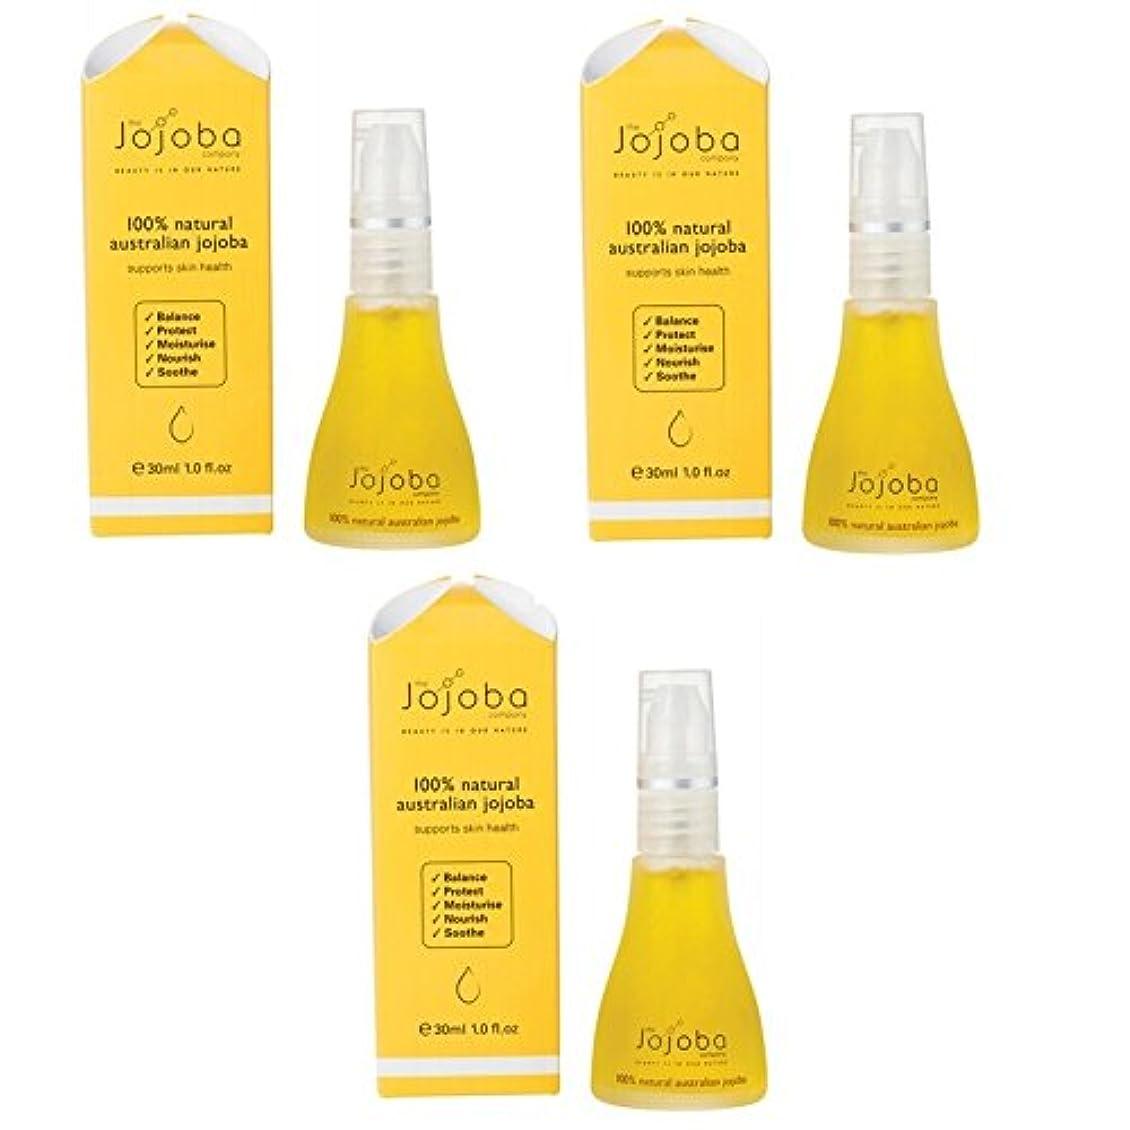 ミリメートル材料消費者the Jojoba Company 100% Natural Australian Jojoba Oil 30ml 3本セット [海外直送品]